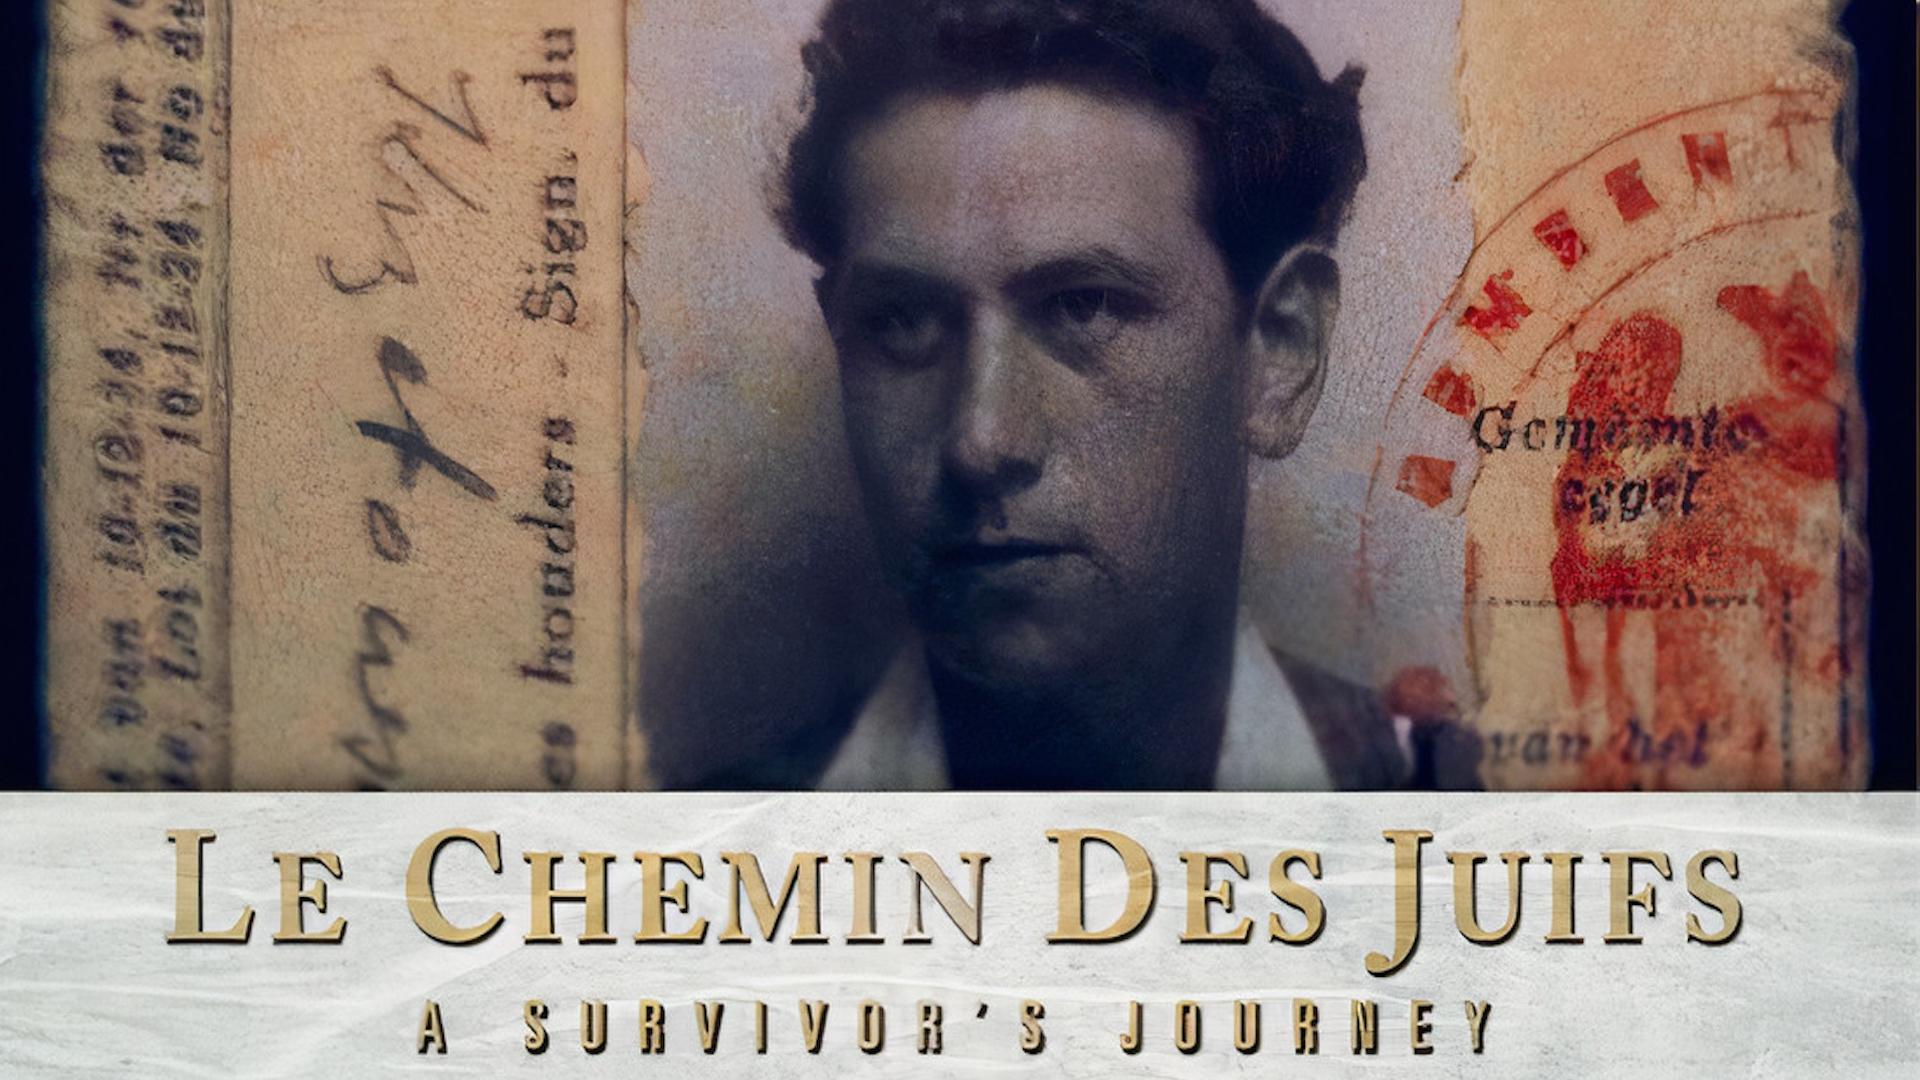 Le Chemin des Juifs: A Survivor's Journey